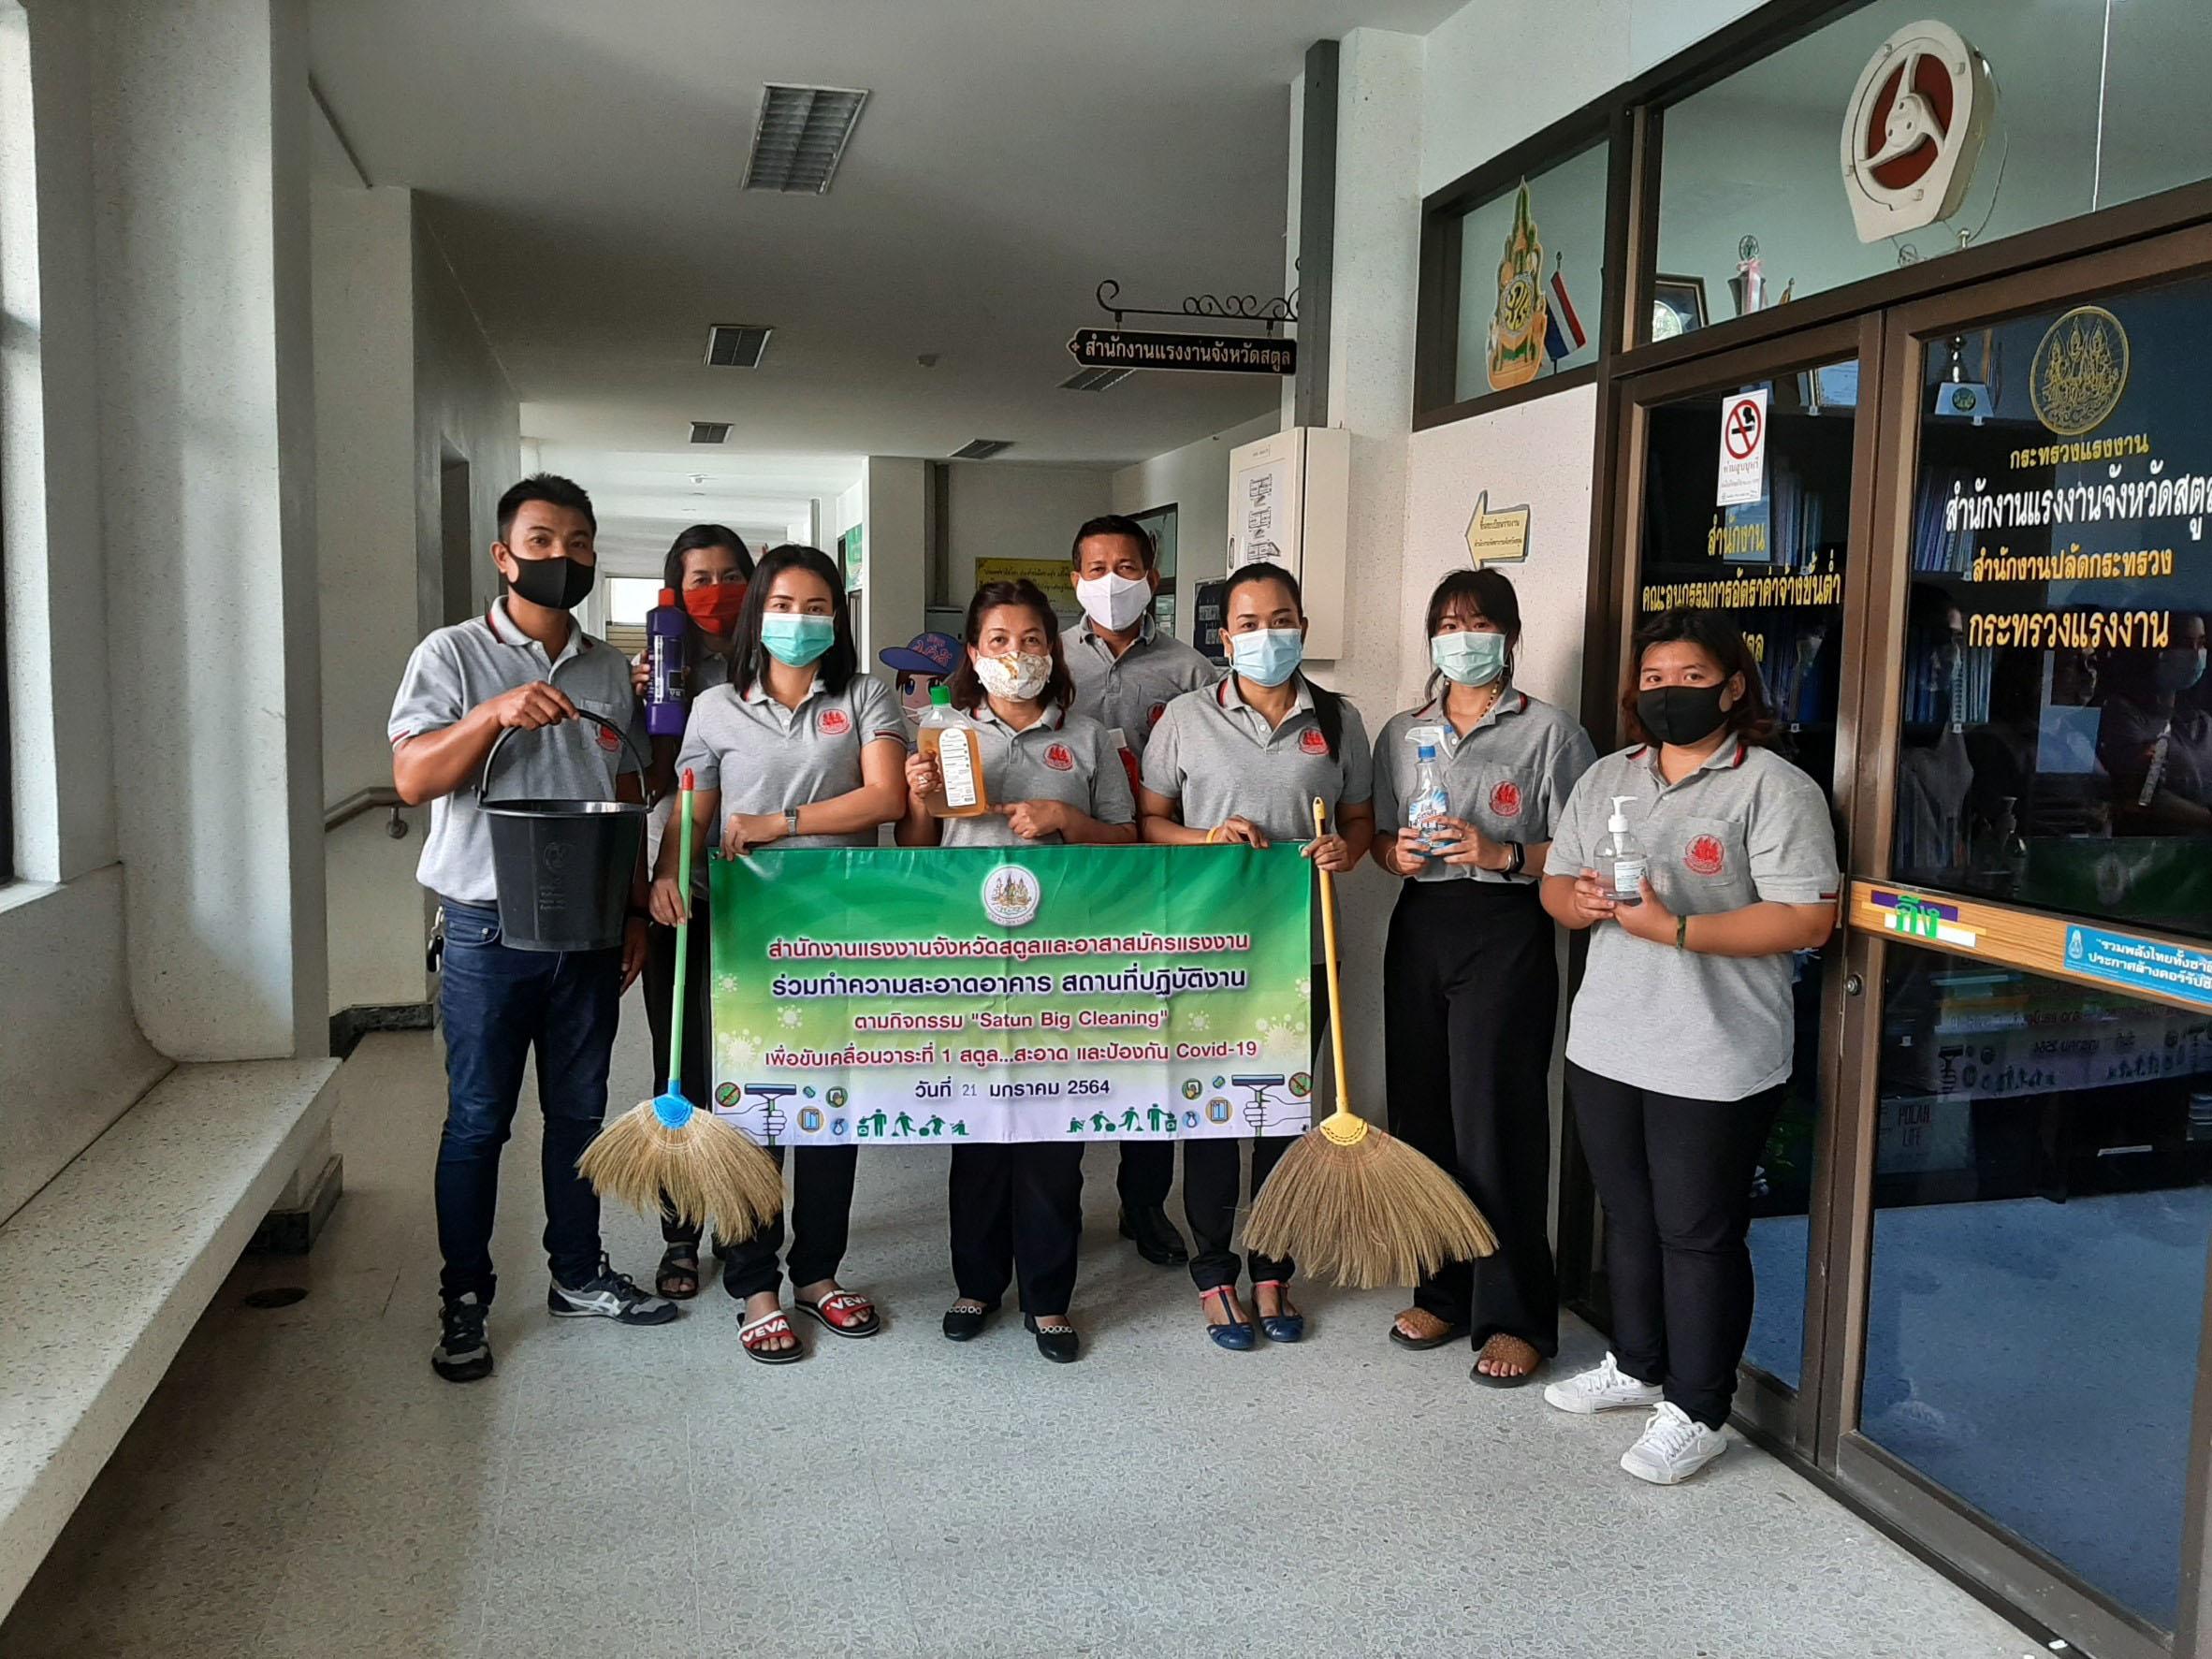 21 มกราคม 2564 สำนักงานแรงงานจังหวัดสตูล จัดกิจกรรมทำความสะอาด Satun Big Cleaning ณ บริเวณภายในและภายนอกสำนักงานแรงงาน